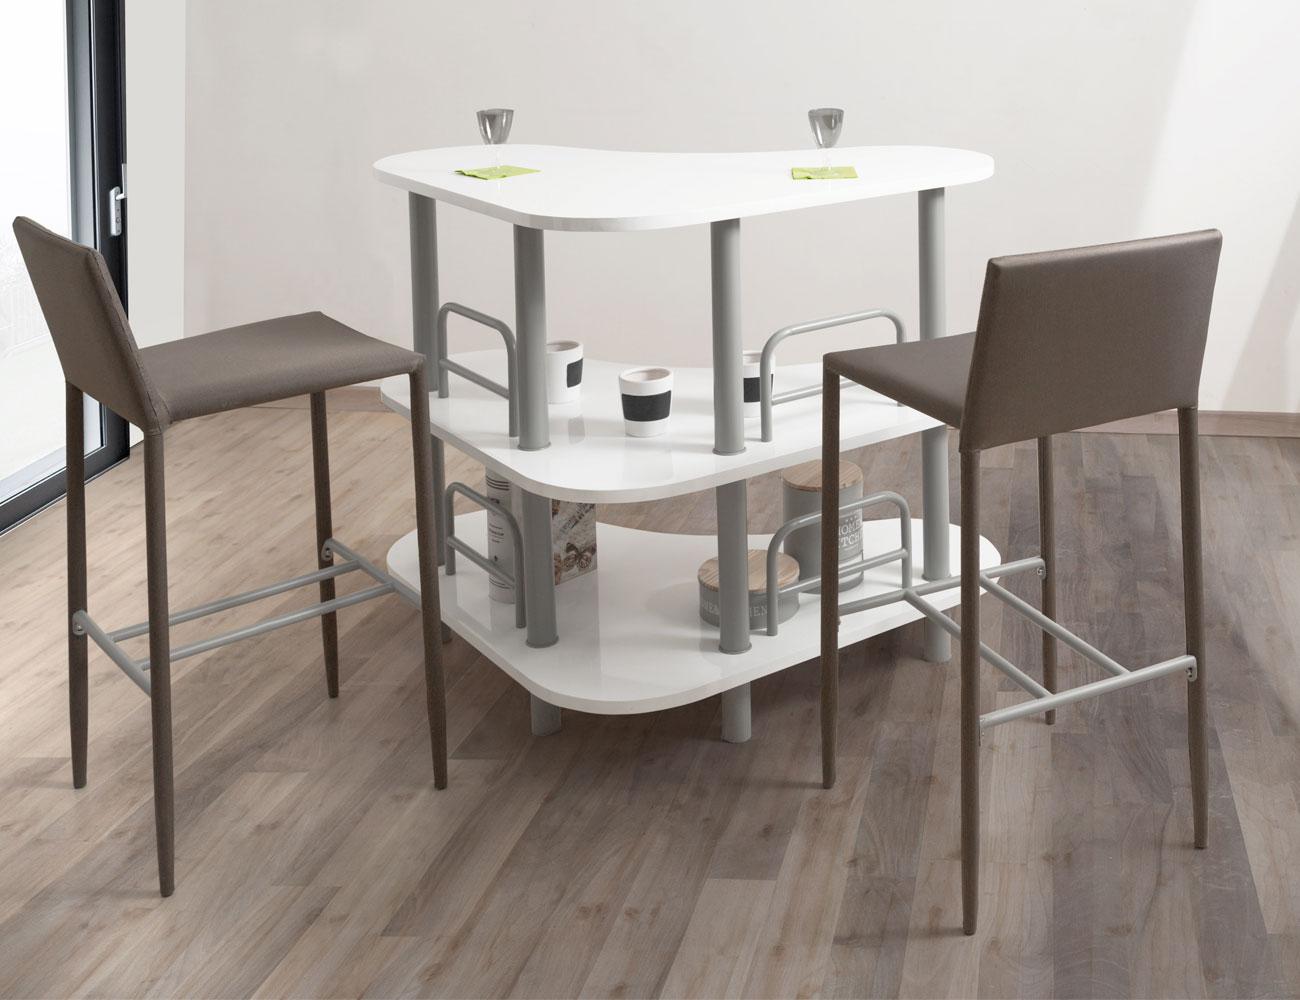 Mueble barra bar de cocina en blanco brillo (3540) | Factory del ...